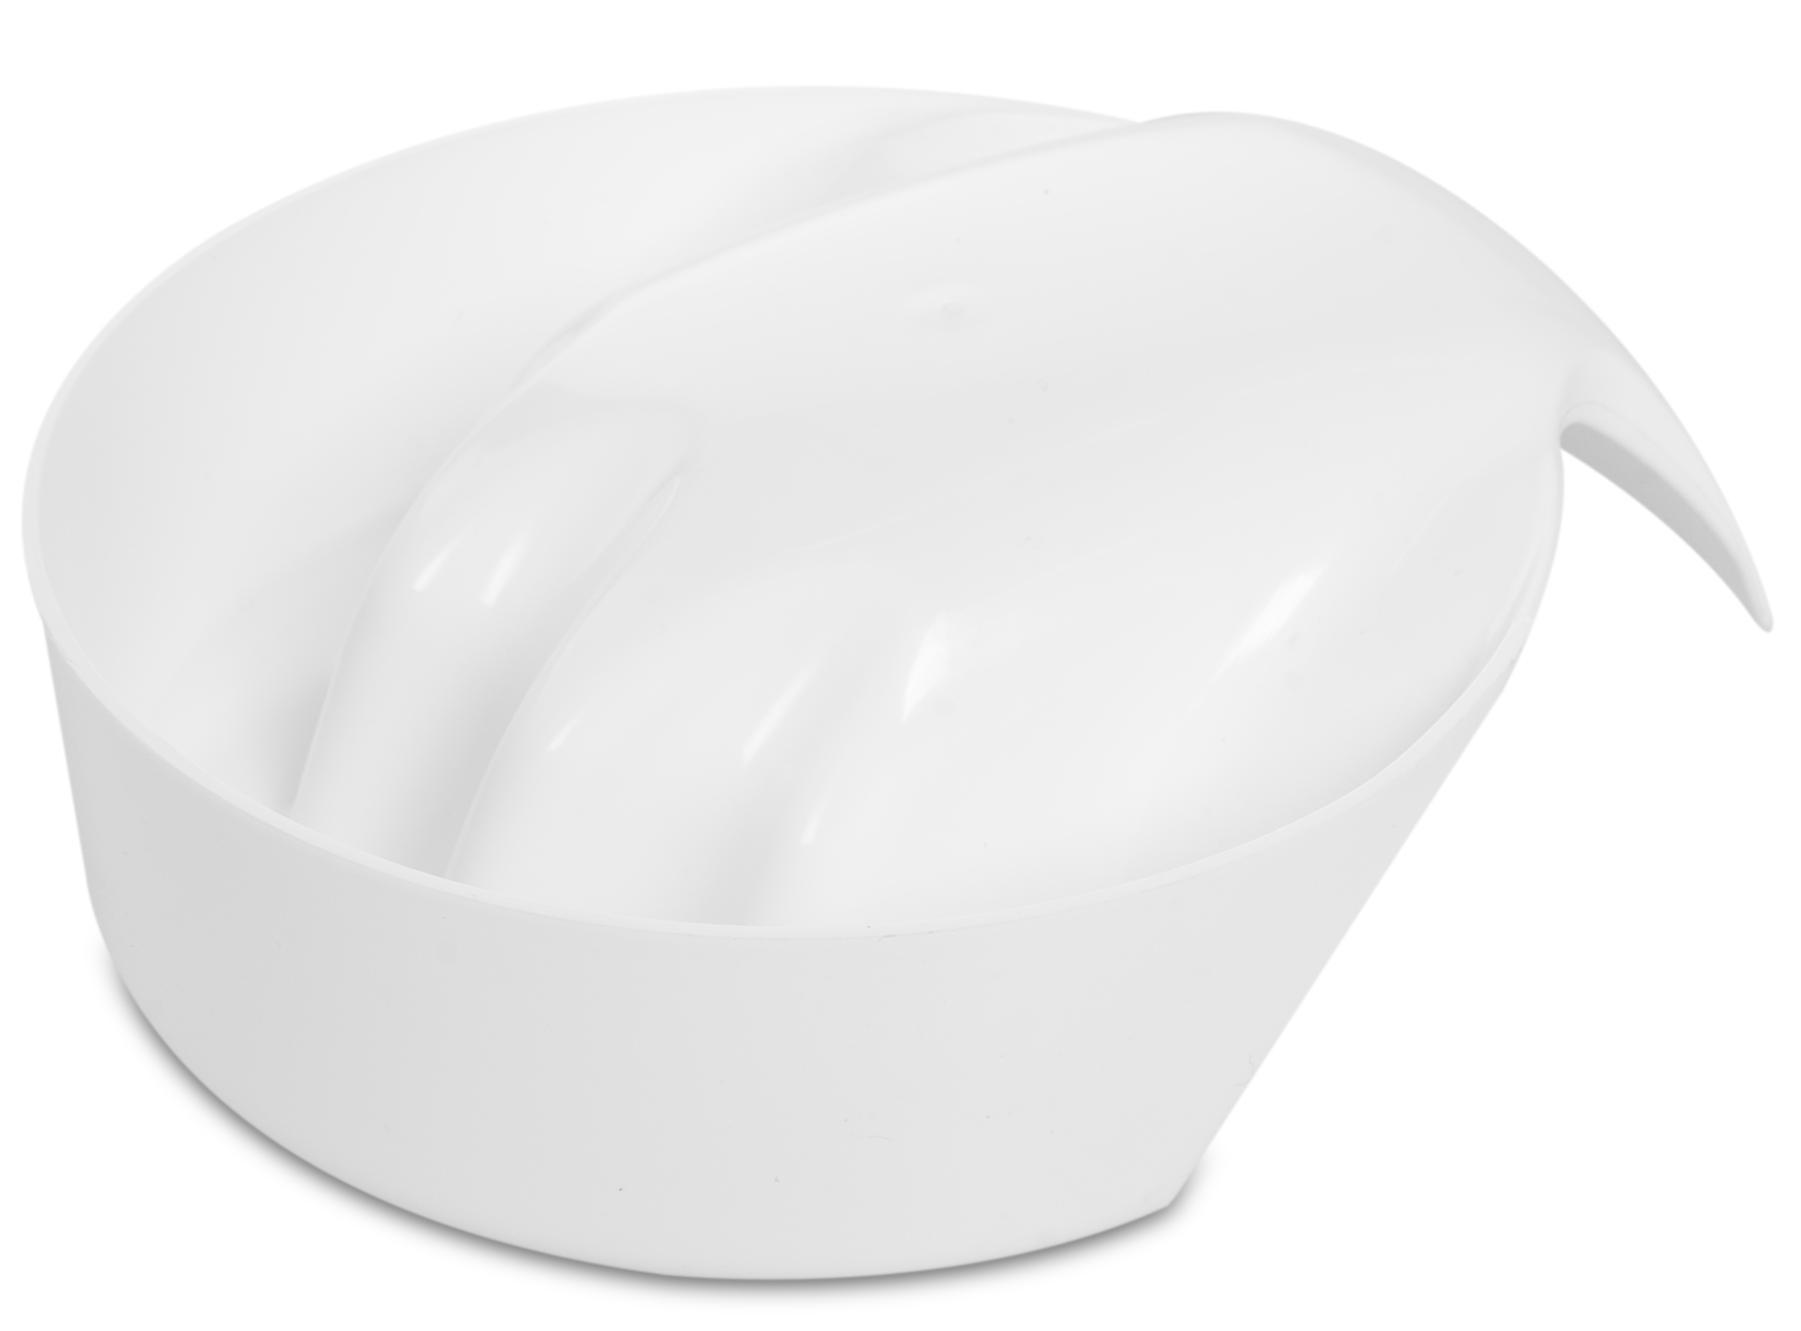 DOMIX Ванночка для маникюра mini, белая